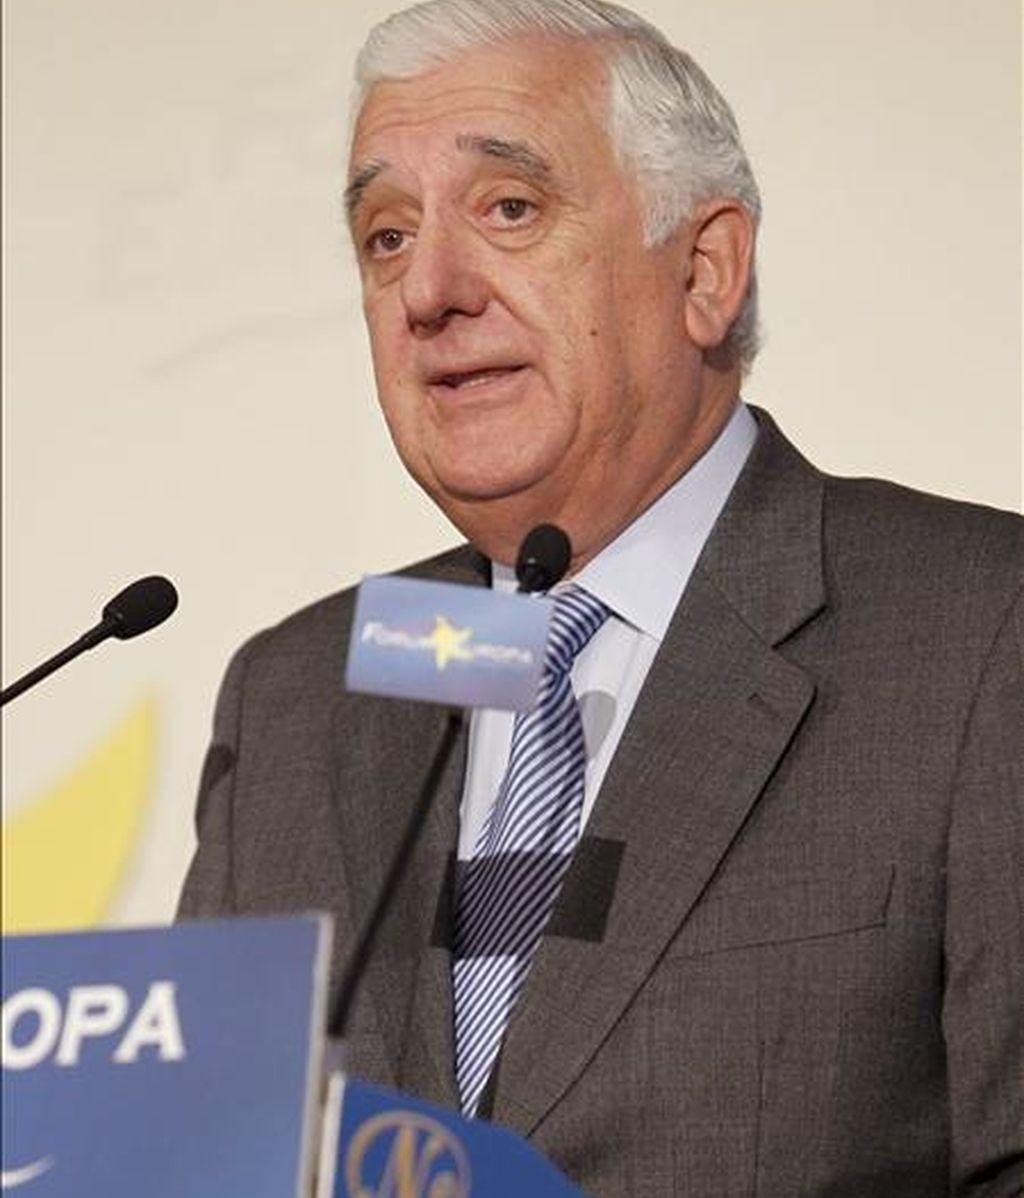 El presidente de la patronal andaluza y candidato a presidir la CEOE, Santiago Herrero, durante su intervención en un desayuno informativo del Fórum Europa, hoy en Madrid. EFE